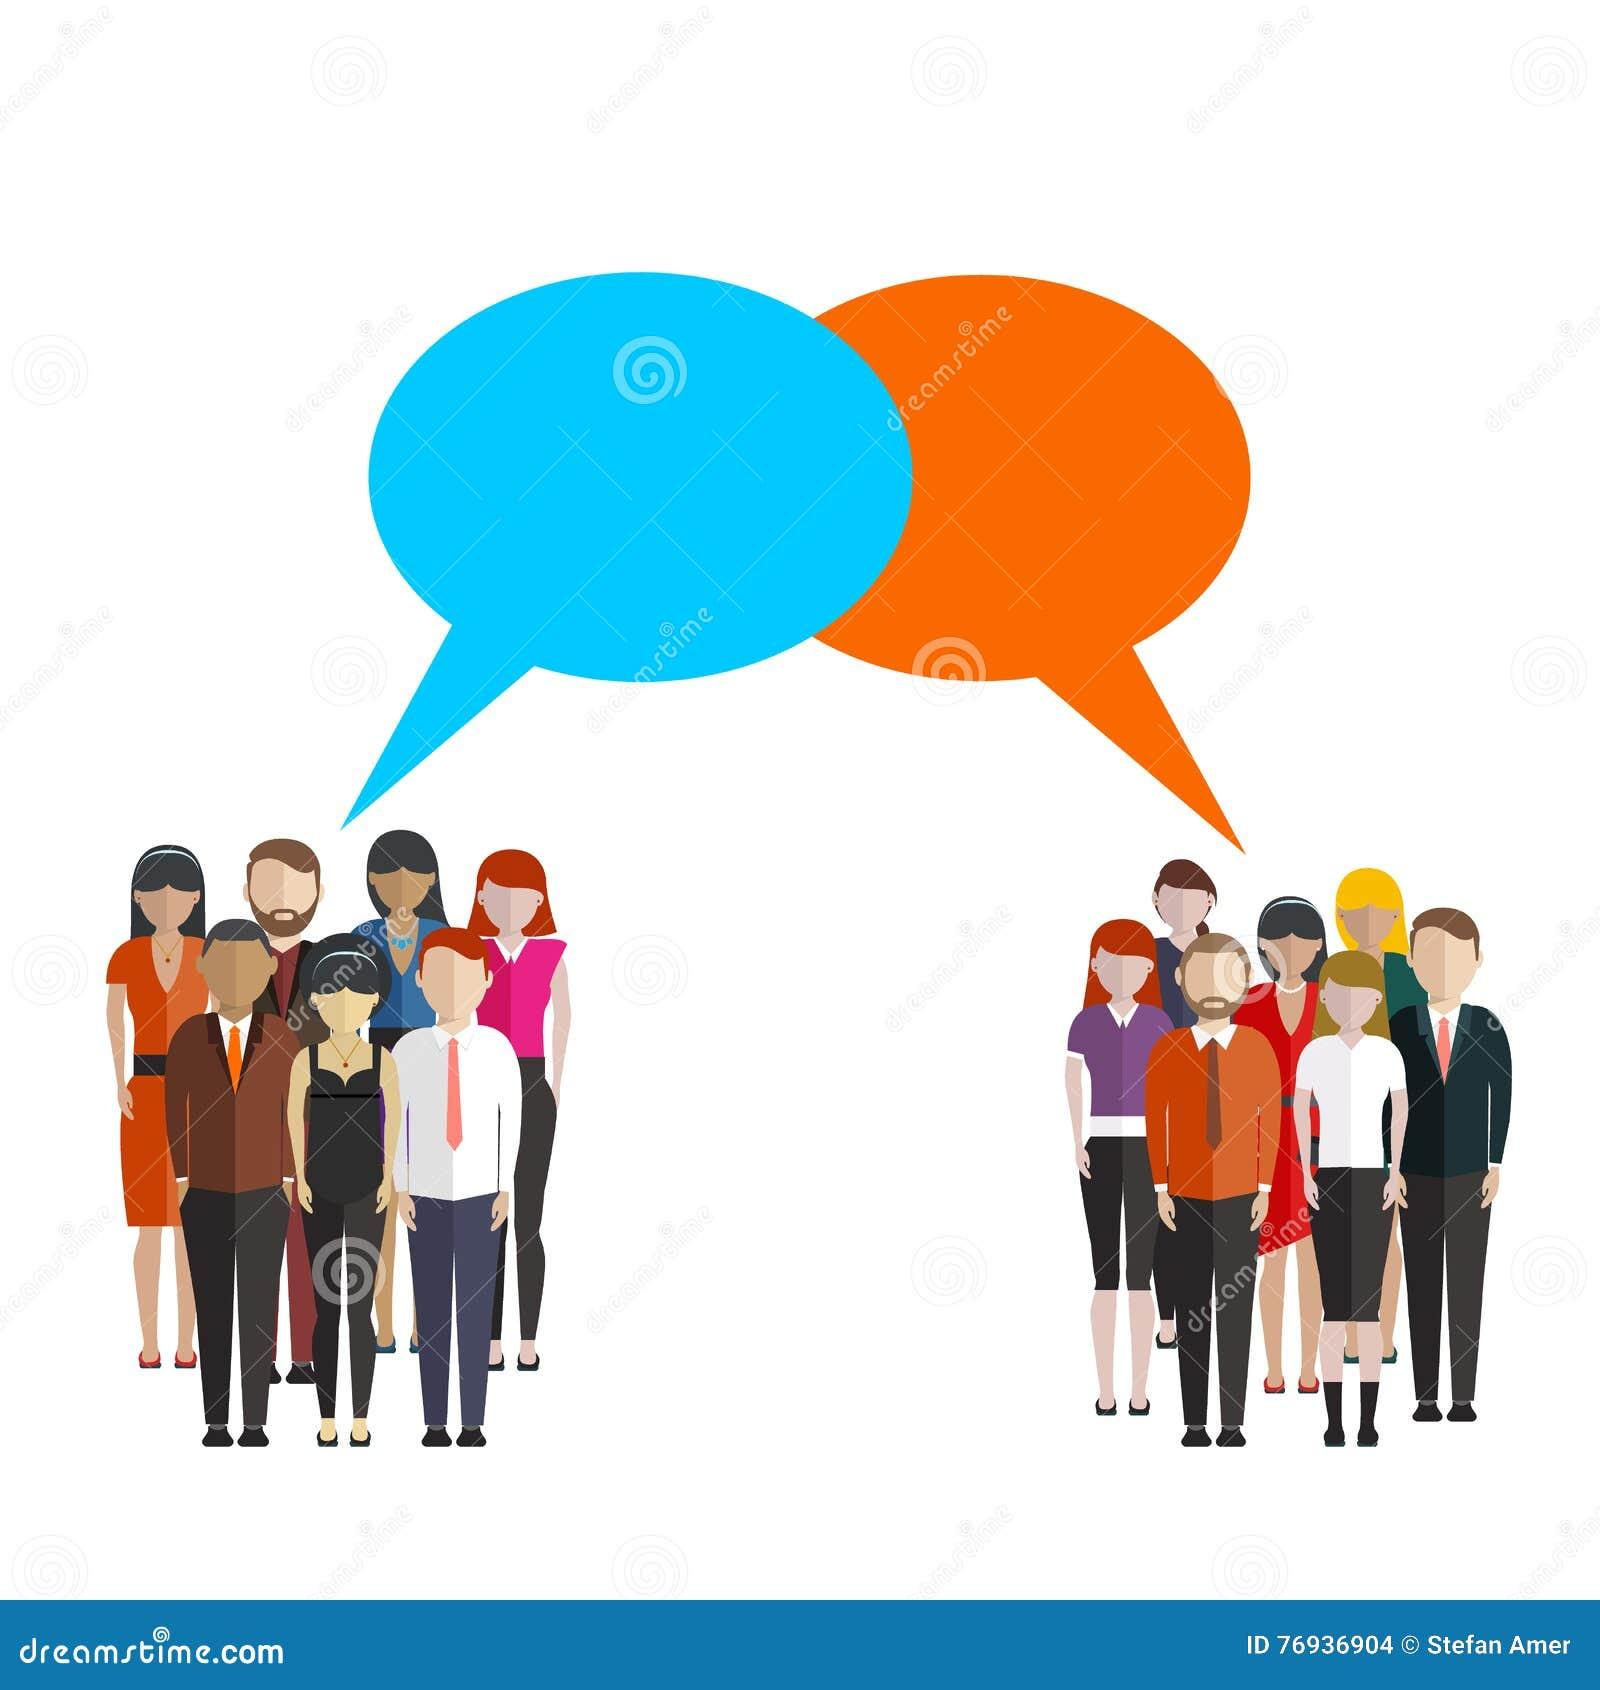 Bubblar den plana illustrationen för opinionsundersökningen av två grupp människor och anförande dem emellan